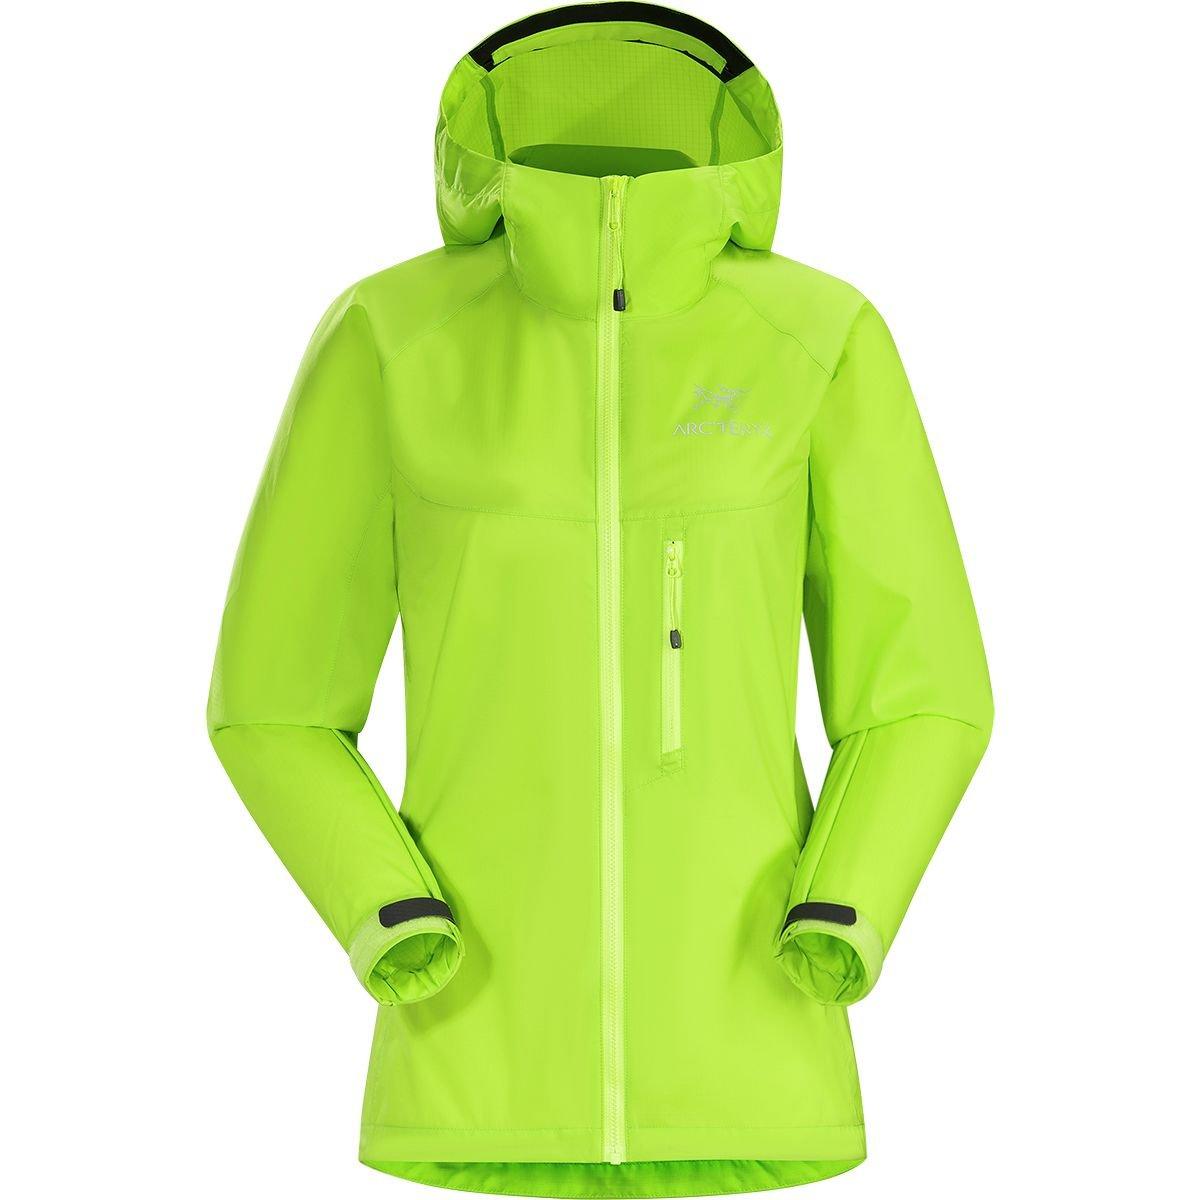 (アークテリクス) Arc'teryx Squamish Hooded Jacket レディース ジャケットDark Titanite [並行輸入品]   B07F9SY59M